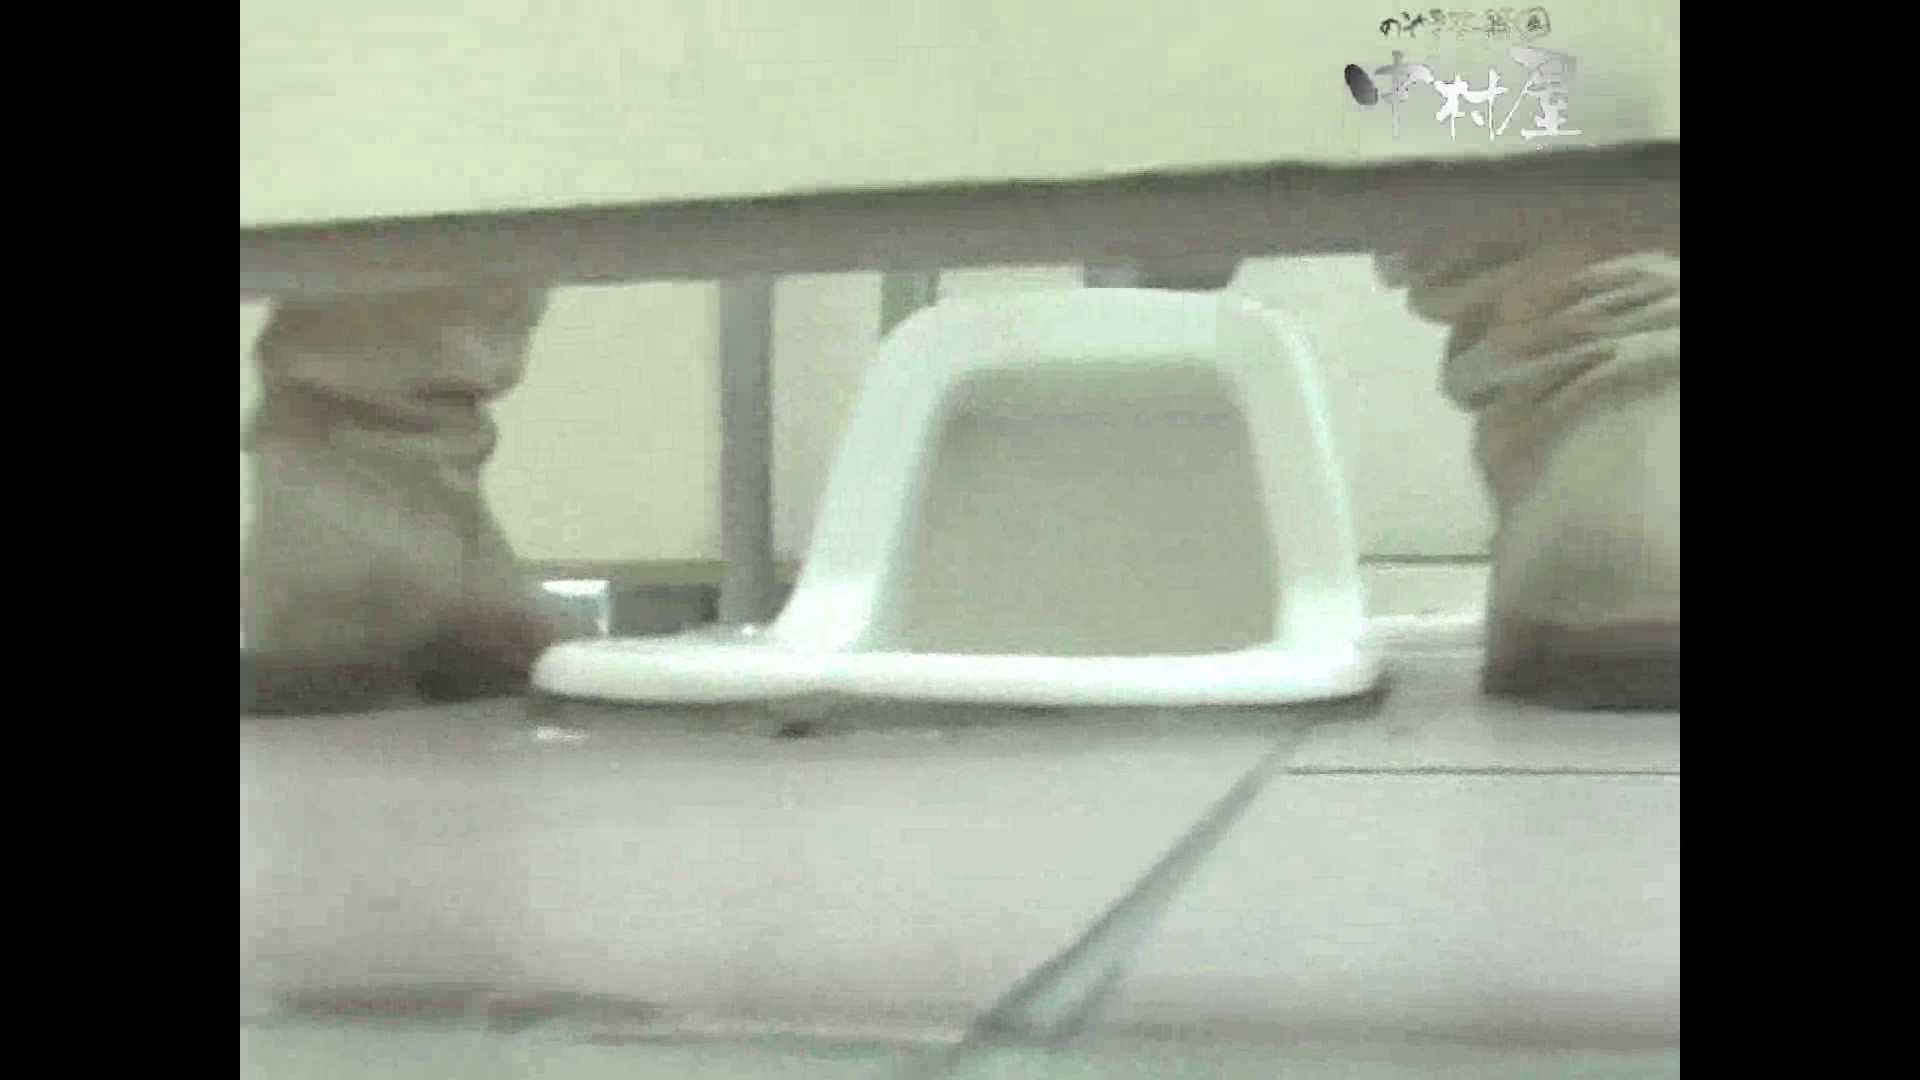 岩手県在住盗撮師盗撮記録vol.38 厠・・・ 盗撮動画紹介 105PIX 2